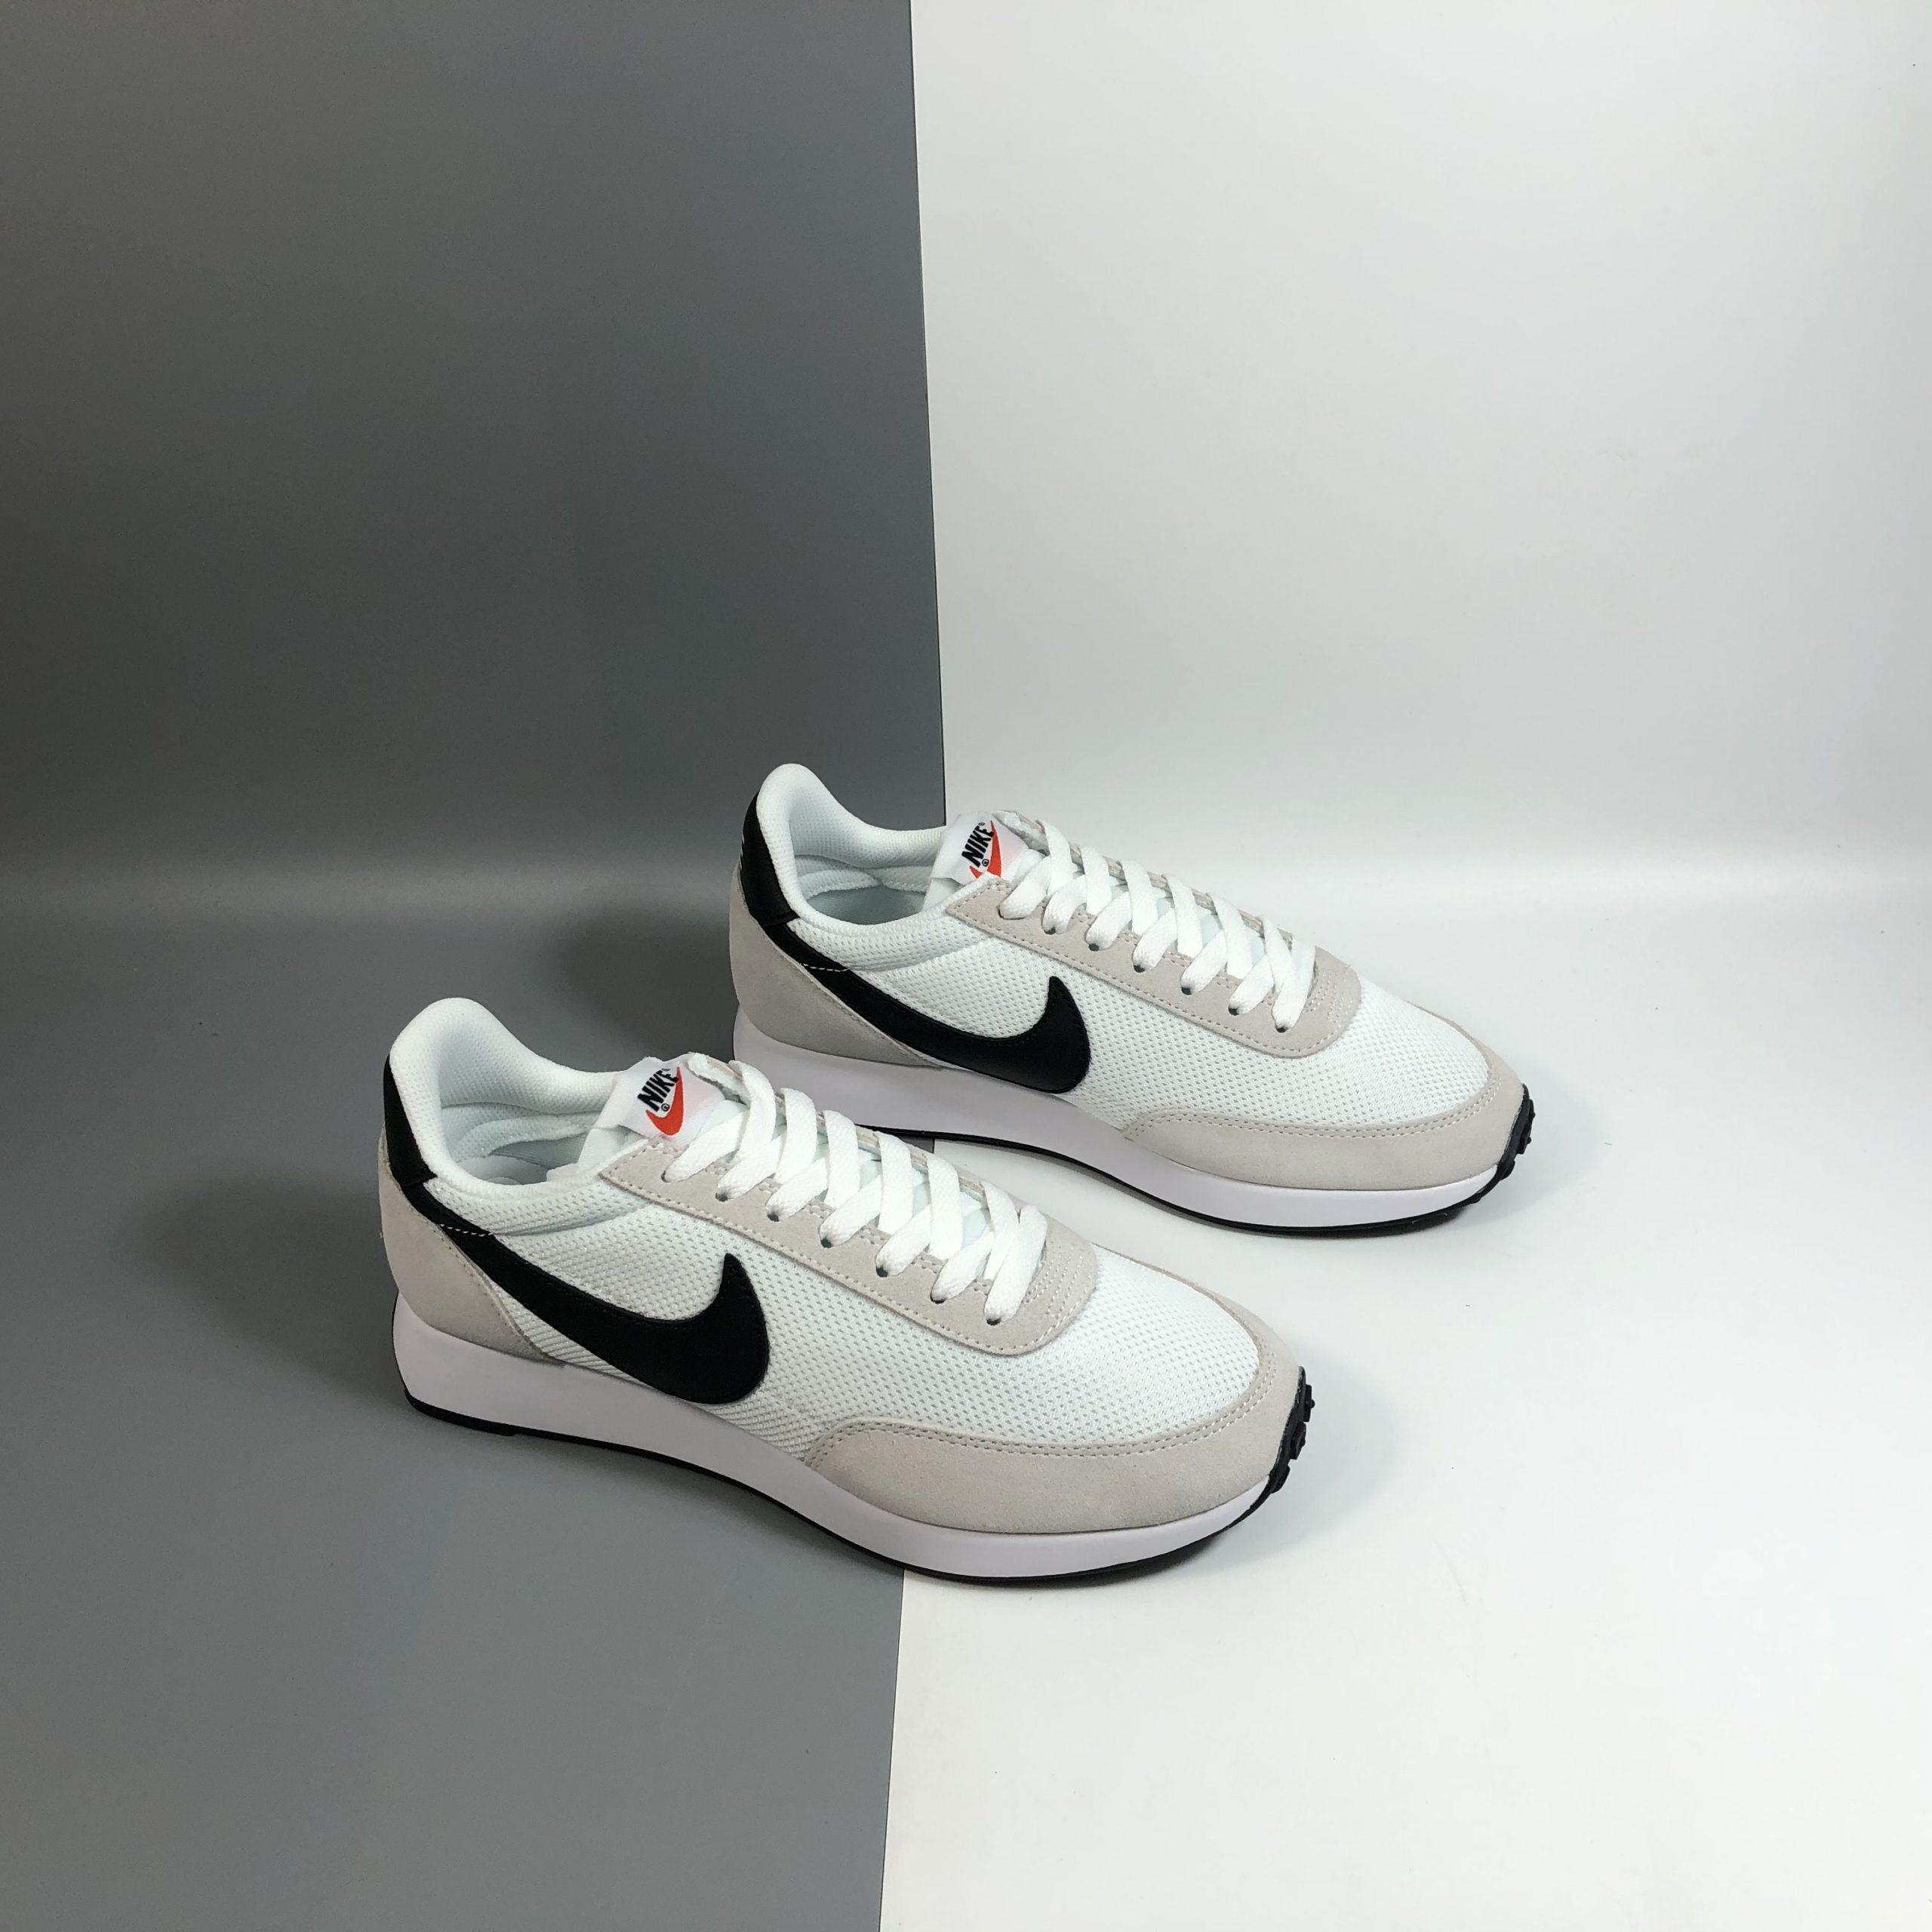 Nike Air Tailwind 79 White Black Upper